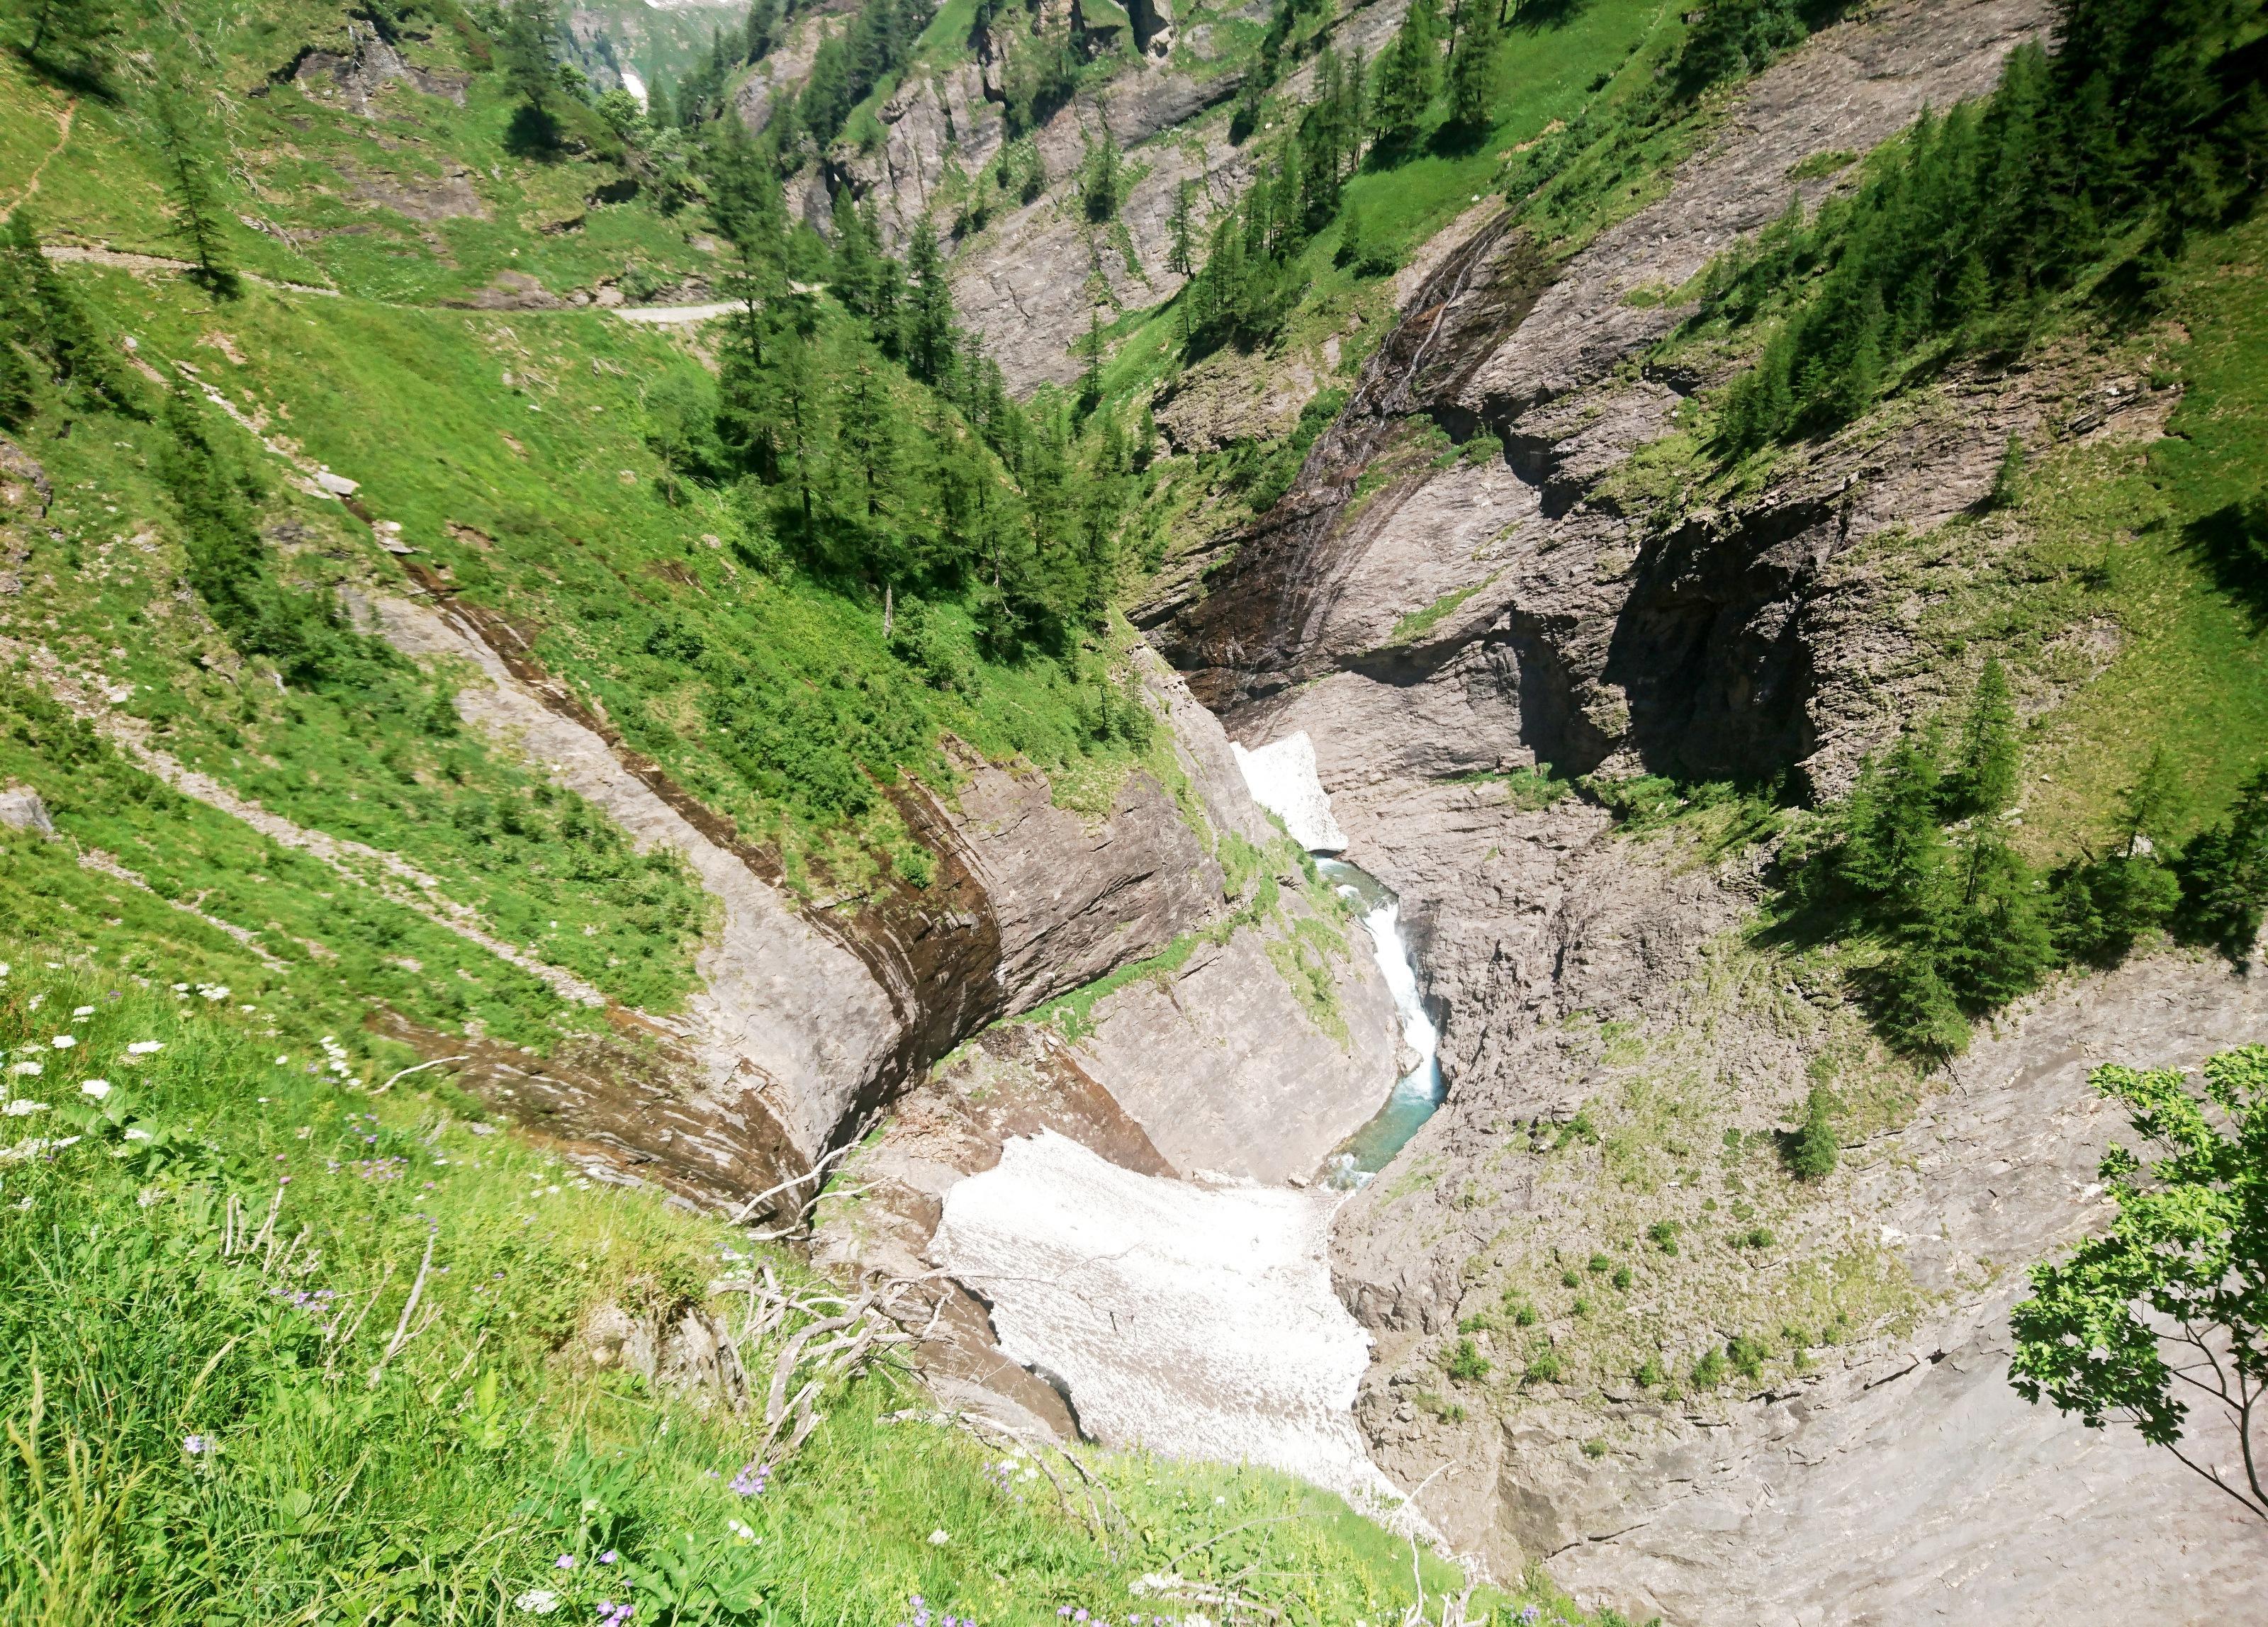 la Val Cairasca, con il torrente che precipita in un orrido a bordo strada